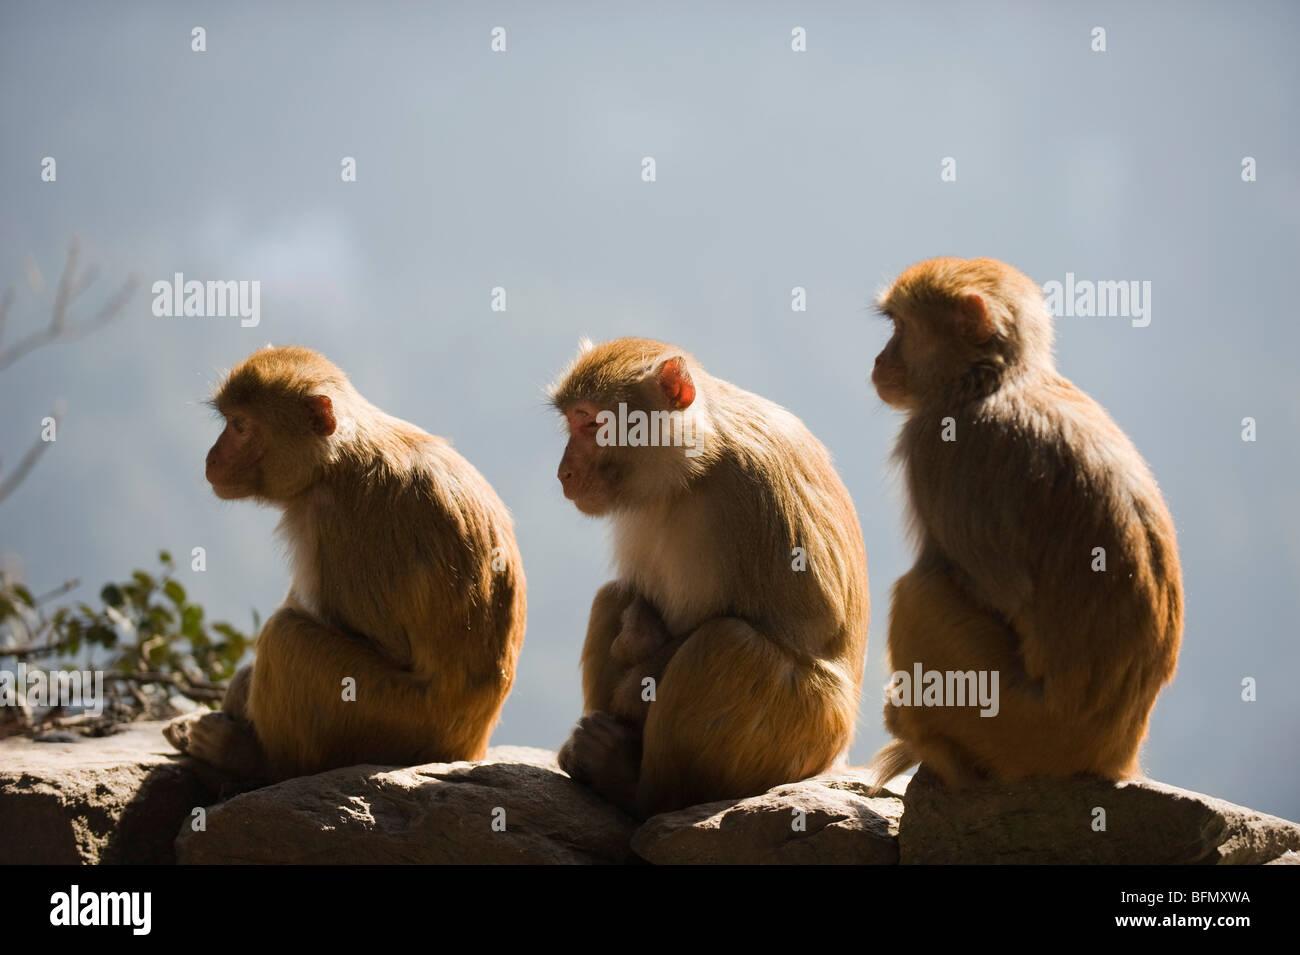 Cina, provincia di Jiangxi, tre scimmie, monte Lushan, Patrimonio Mondiale dell Unesco Immagini Stock